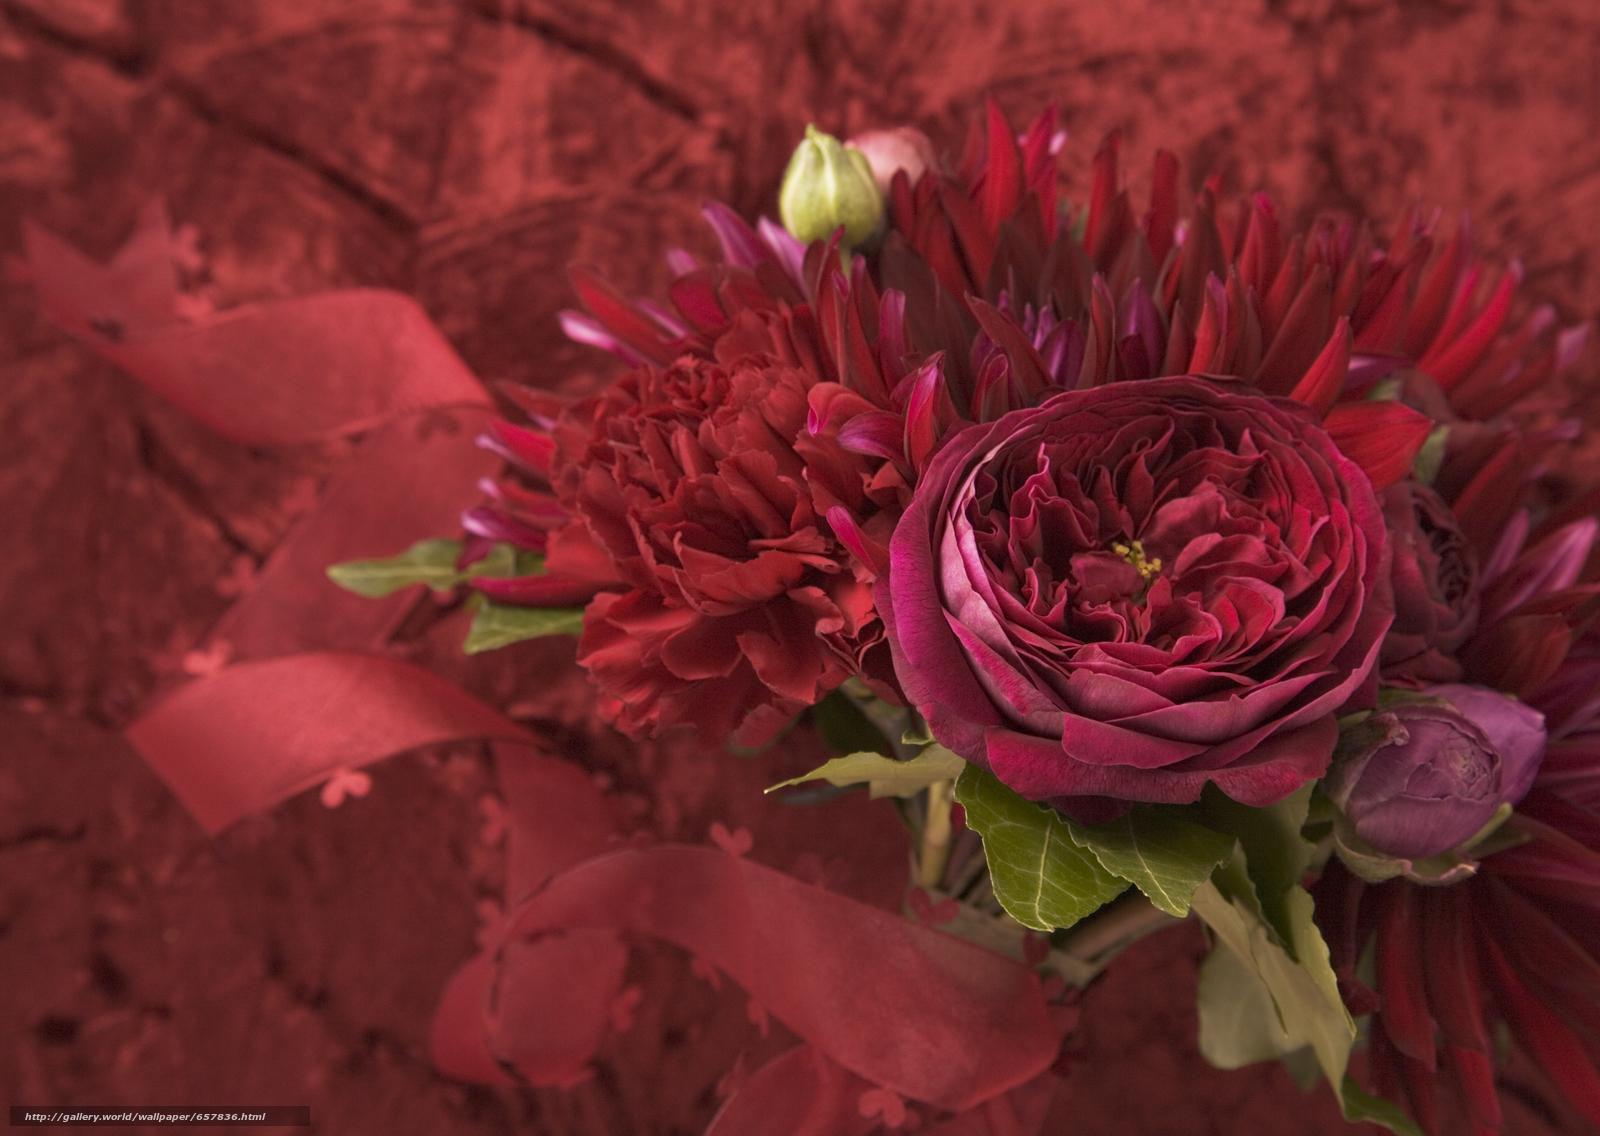 Скачать обои цветы,  цветок,  букет,  композиция бесплатно для рабочего стола в разрешении 2950x2094 — картинка №657836